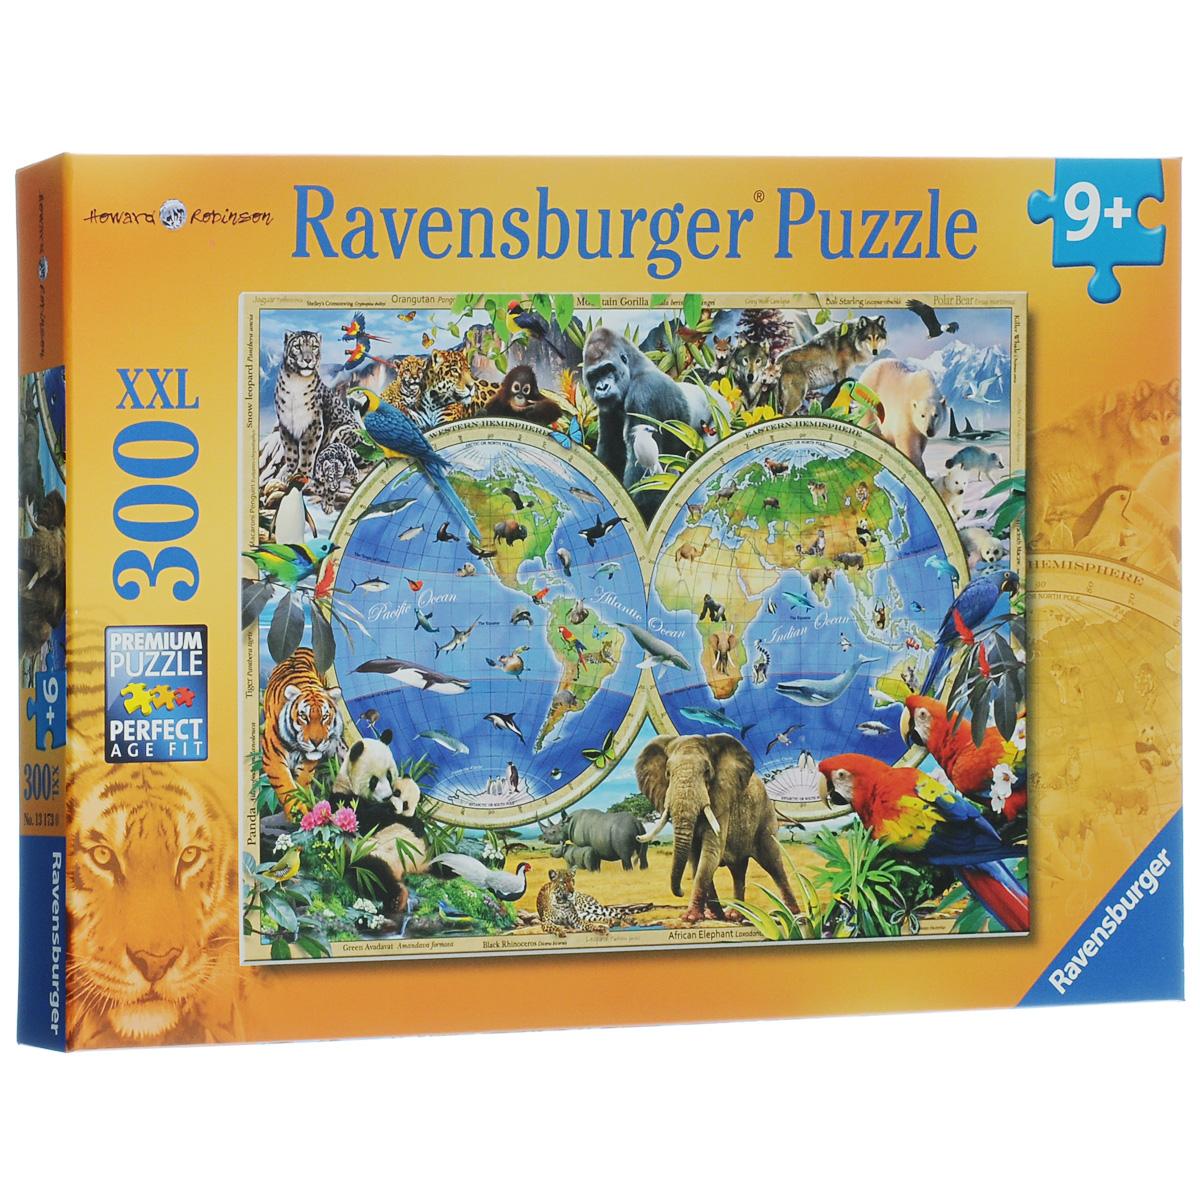 Ravensburger Мир дикой природы. Пазл XXL, 300 элементов13173Пазл Ravensburger Мир дикой природы понравится и вам, и вашему ребенку. Собрав этот пазл, включающий в себя 300 крупных элементов, вы получите замечательную картинку с изображением карты обитания животных мира. Пазл изготовлен из картона высочайшего качества. Каждая деталь имеет свою форму и подходит только на свое место. Пазлы - замечательная развивающая игра для детей. Собирание пазла развивает у ребенка мелкую моторику рук, тренирует наблюдательность, логическое мышление, знакомит с окружающим миром, с цветом и разнообразными формами, учит усидчивости и терпению, аккуратности и вниманию.